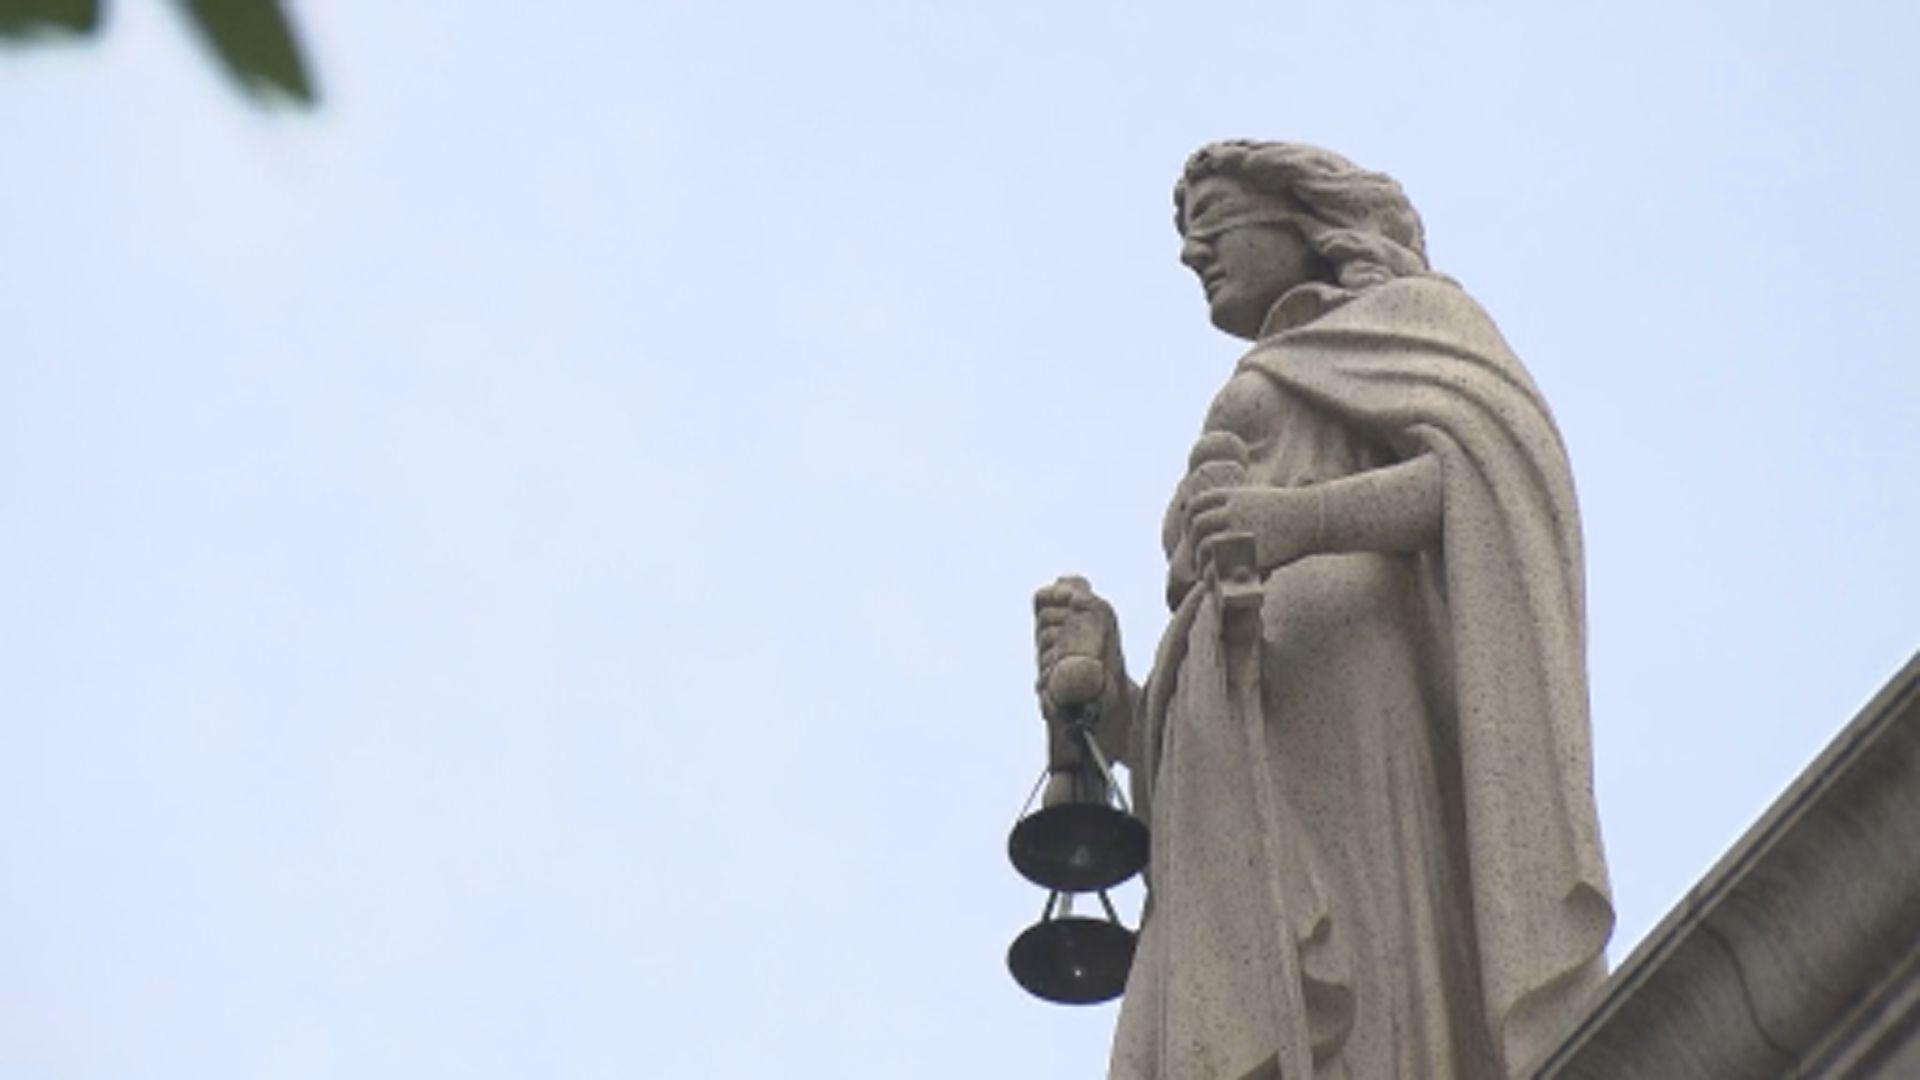 林鄭︰涉外交國防移交逃犯前需經法庭審訊